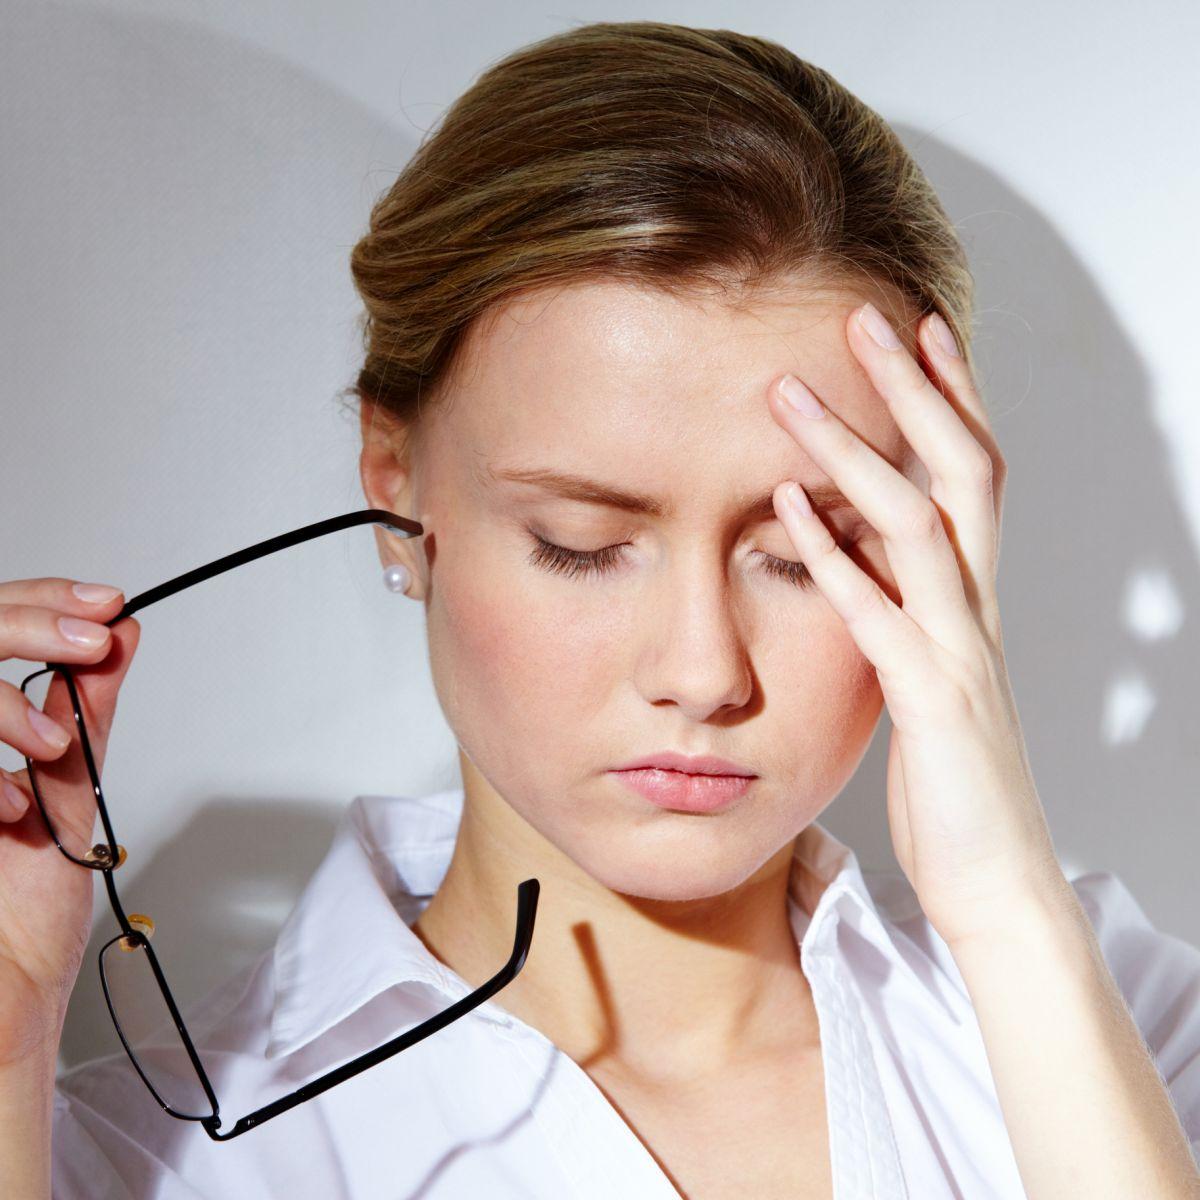 Những dấu hiệu rõ nhất chứng tỏ bạn đã bị u não - Ảnh 3